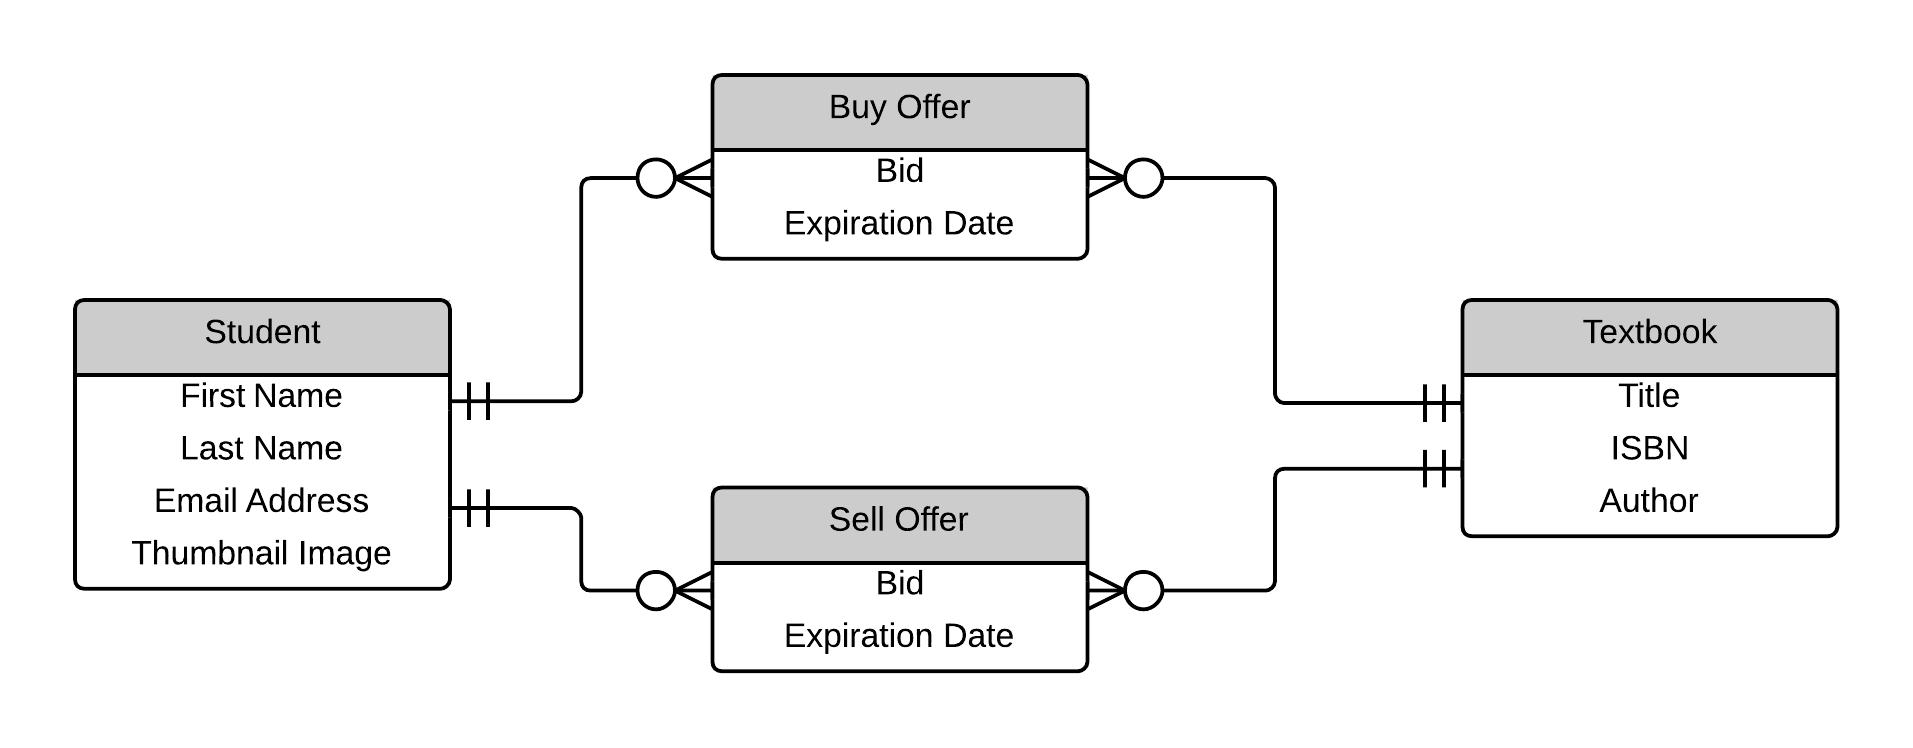 Textbook Mania Er Diagram Wod | Evan Komiyama pertaining to One To One Er Diagram